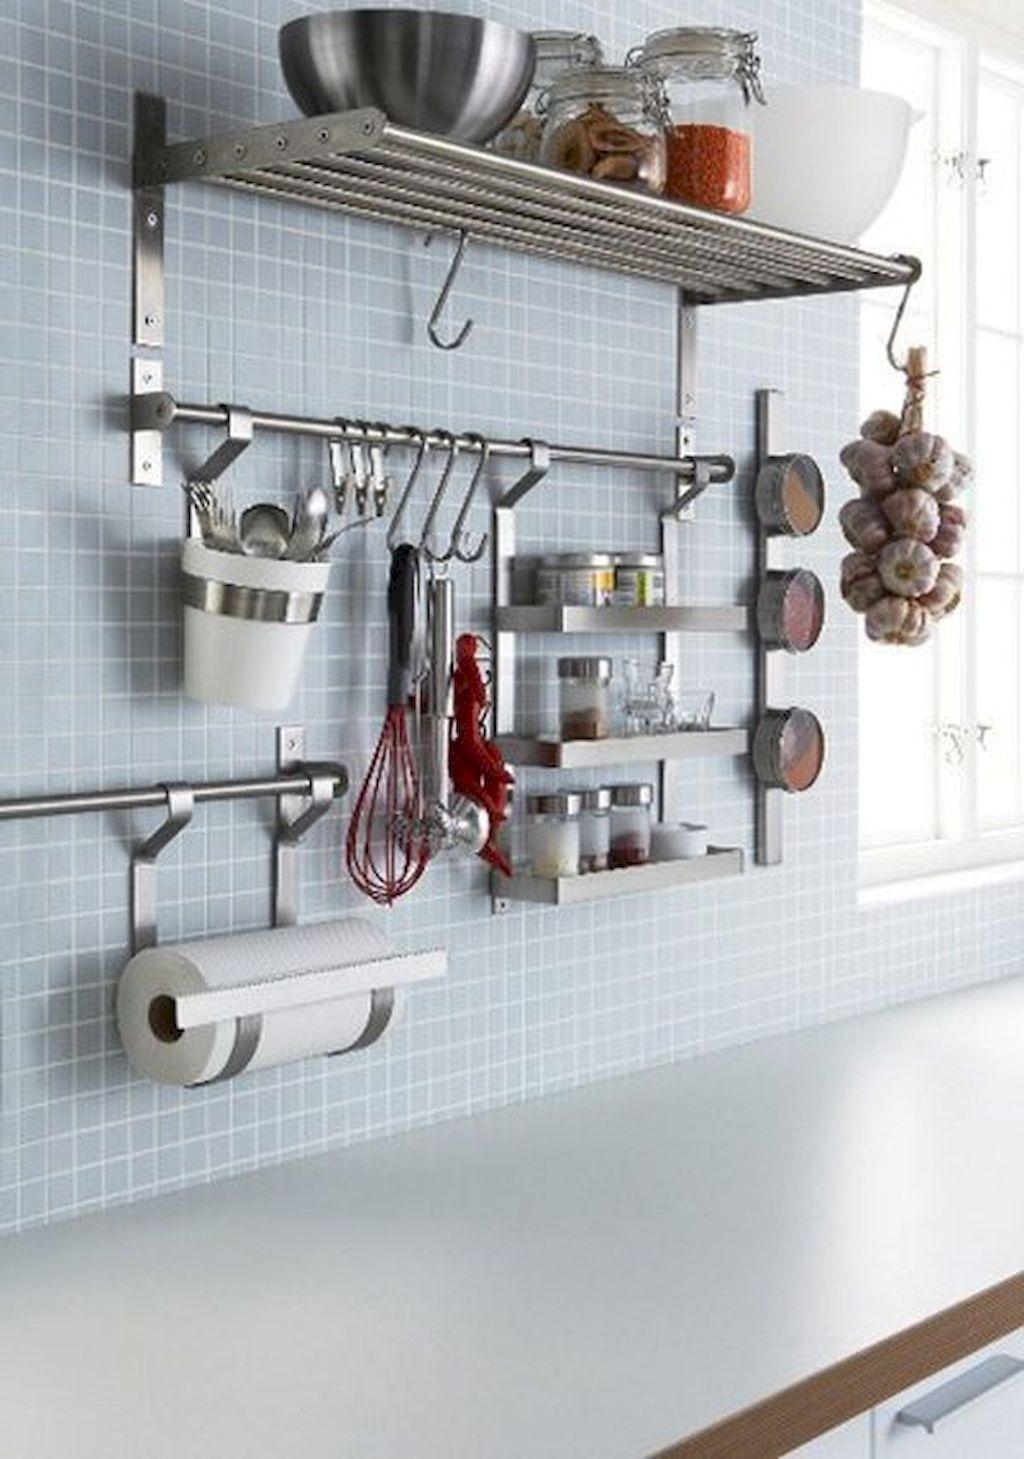 40 Space Saving Storage And Oragnization For Small Kitchens Ideas Remodel Kitchen Wall Storage Declutter Kitchen Ikea Kitchen